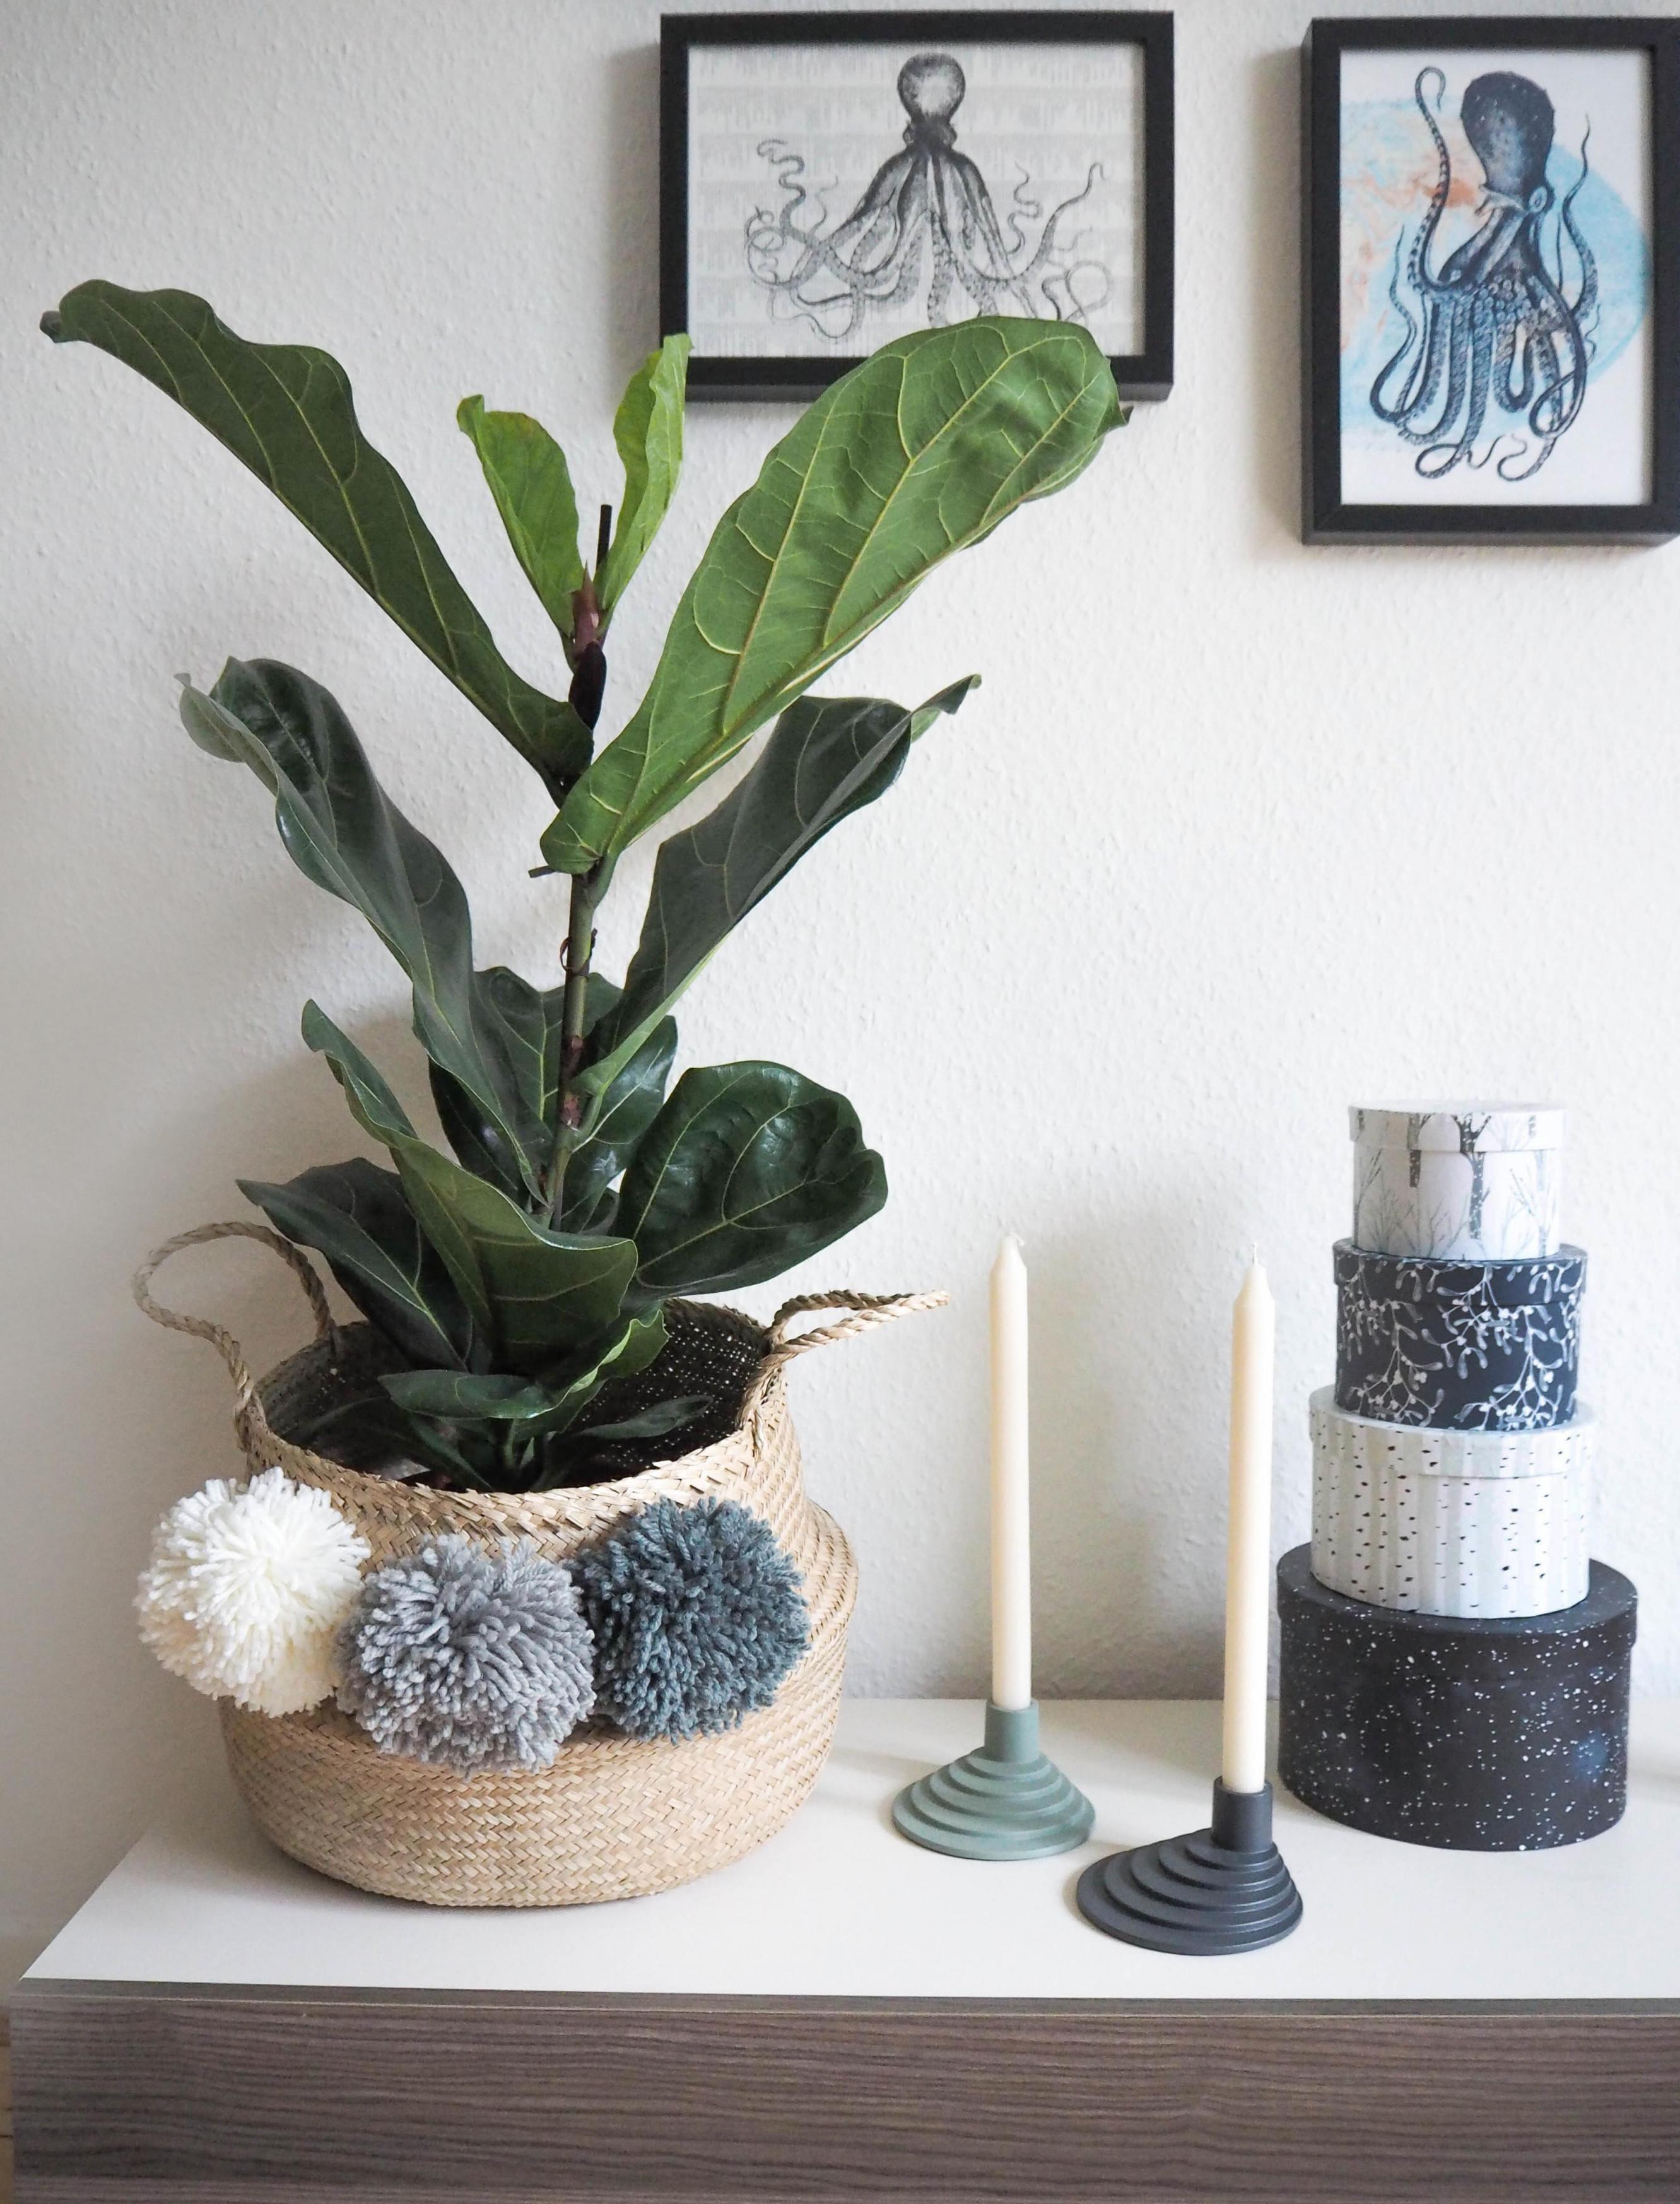 Wohnzimmerdekoideen Mach Es Dir Gemütlich von Wohnzimmer Ideen Deko Bild